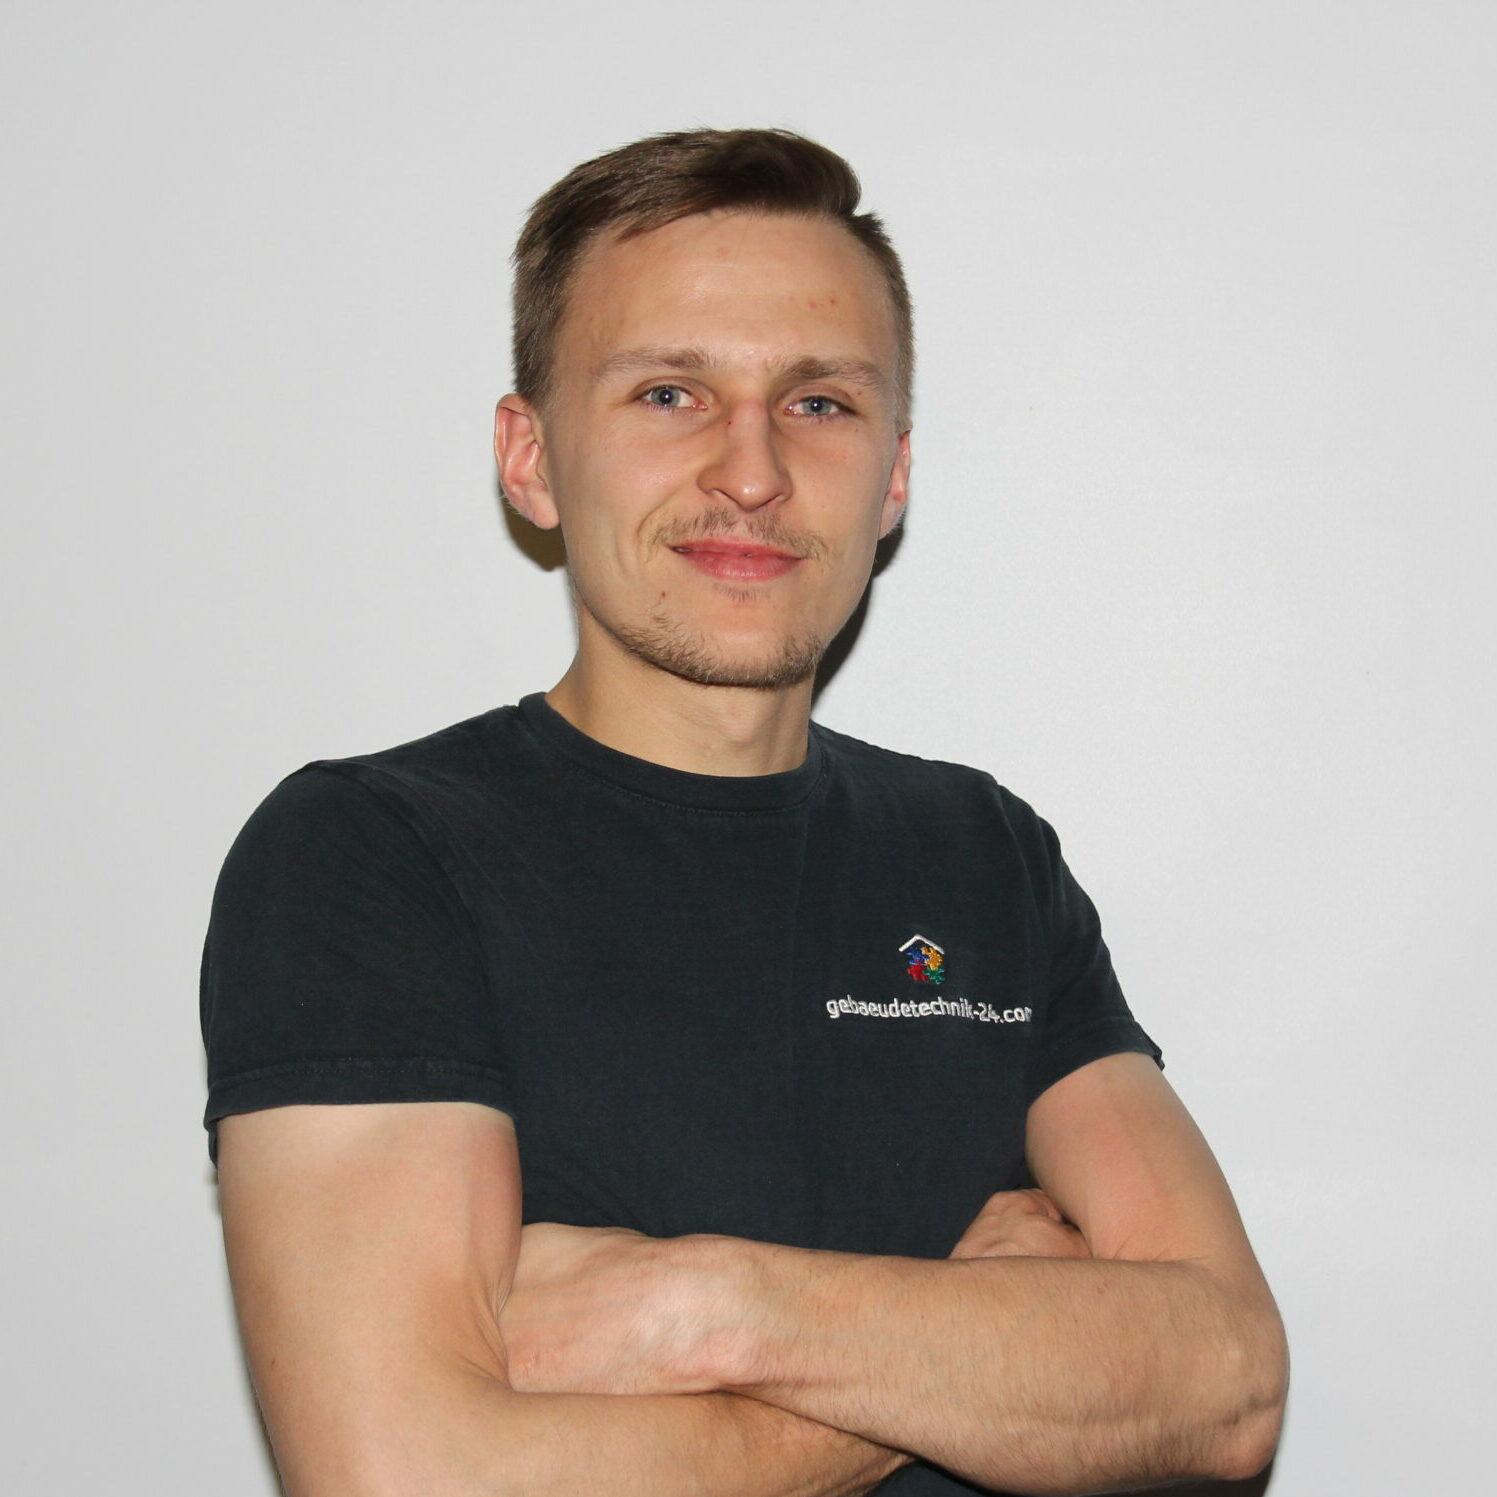 Florian Stoiber